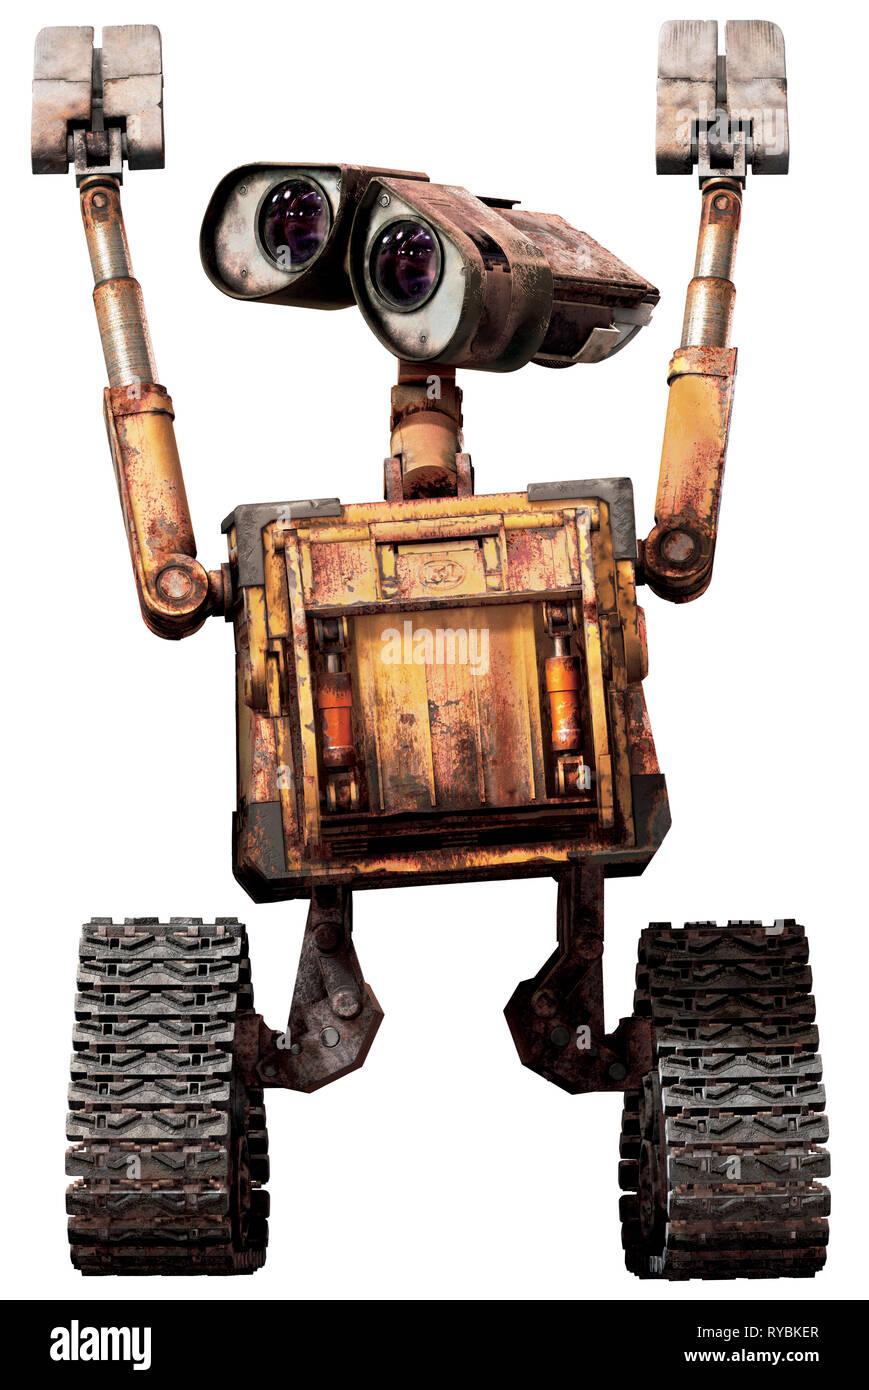 Wall E El Robot Wall E 2008 Fotografia De Stock Alamy